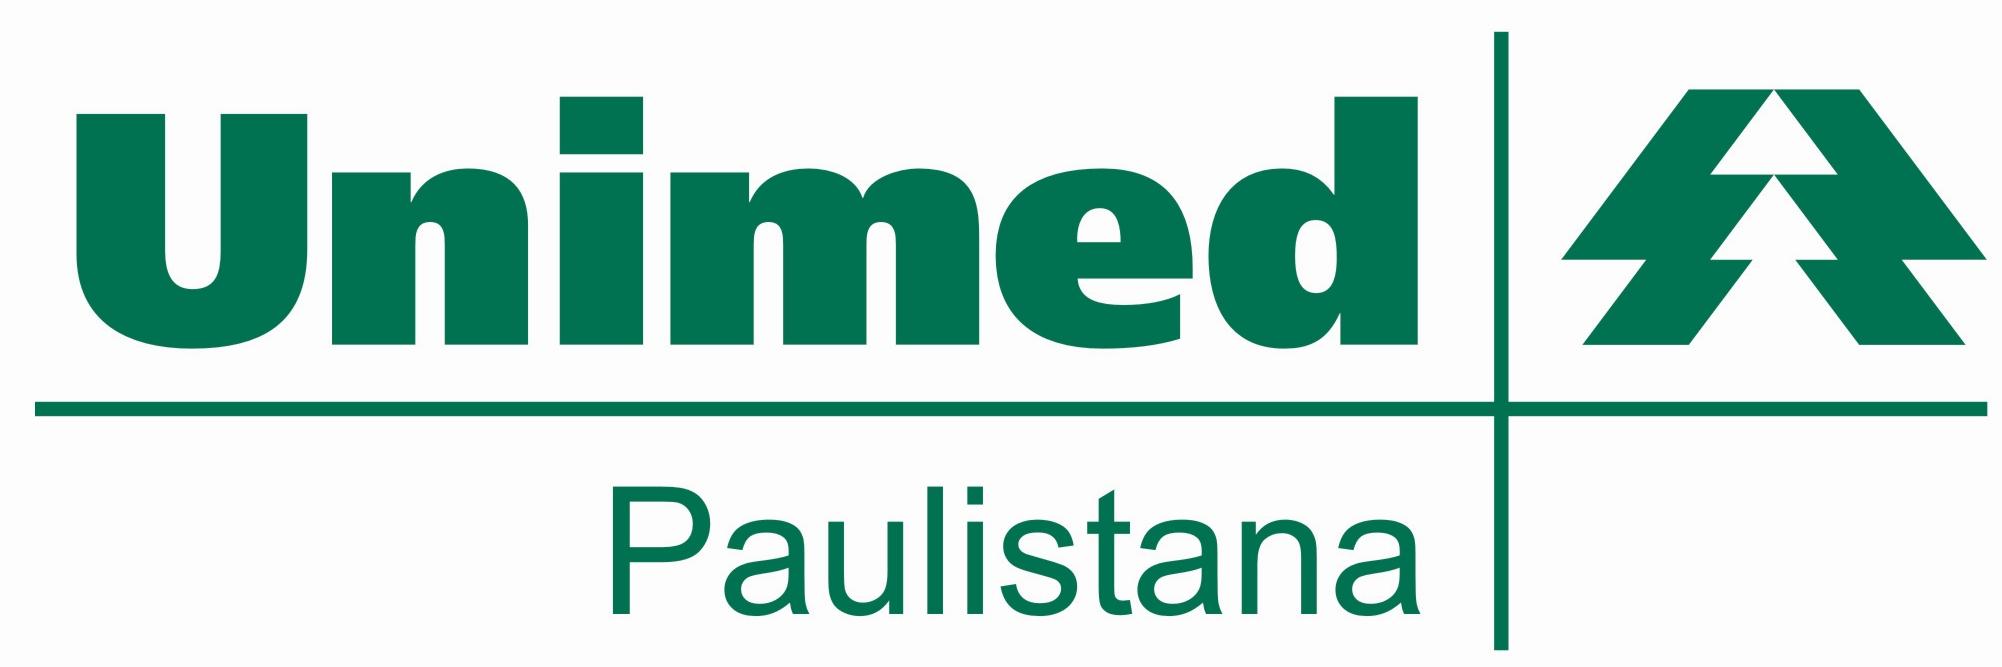 Unimed Paulistana terá de transferir 740 mil clientes para outras operadoras